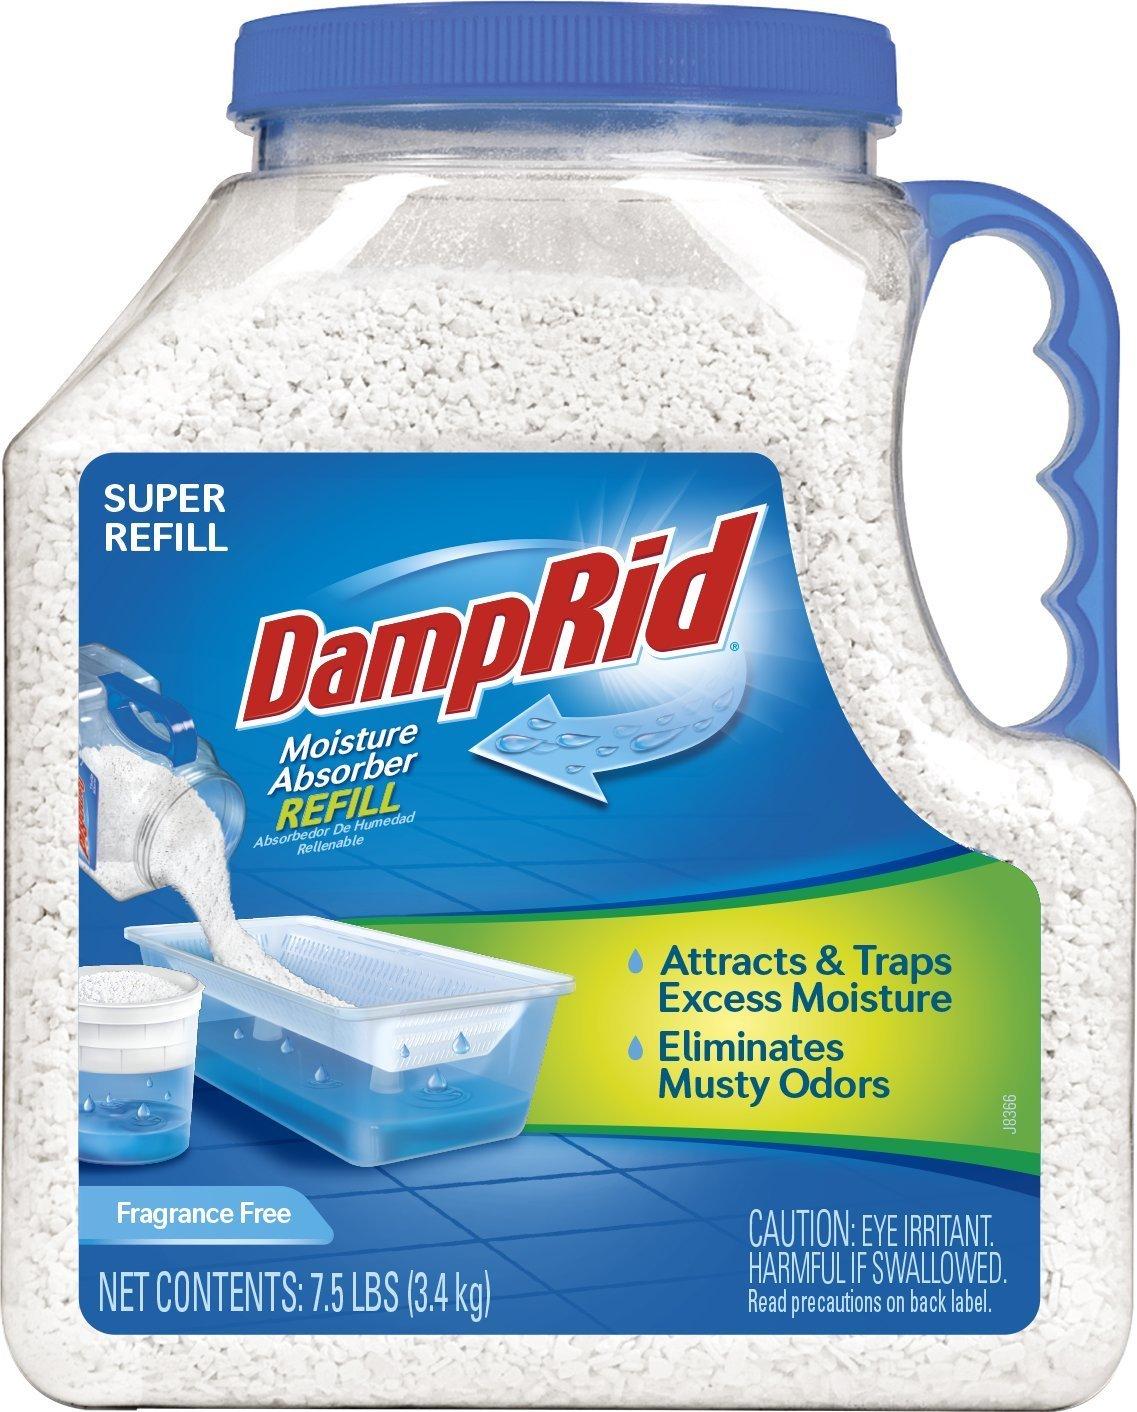 DampRid FG37 Moisture Absorber Refill, 7.5 lb, Fragrance Free $9.97